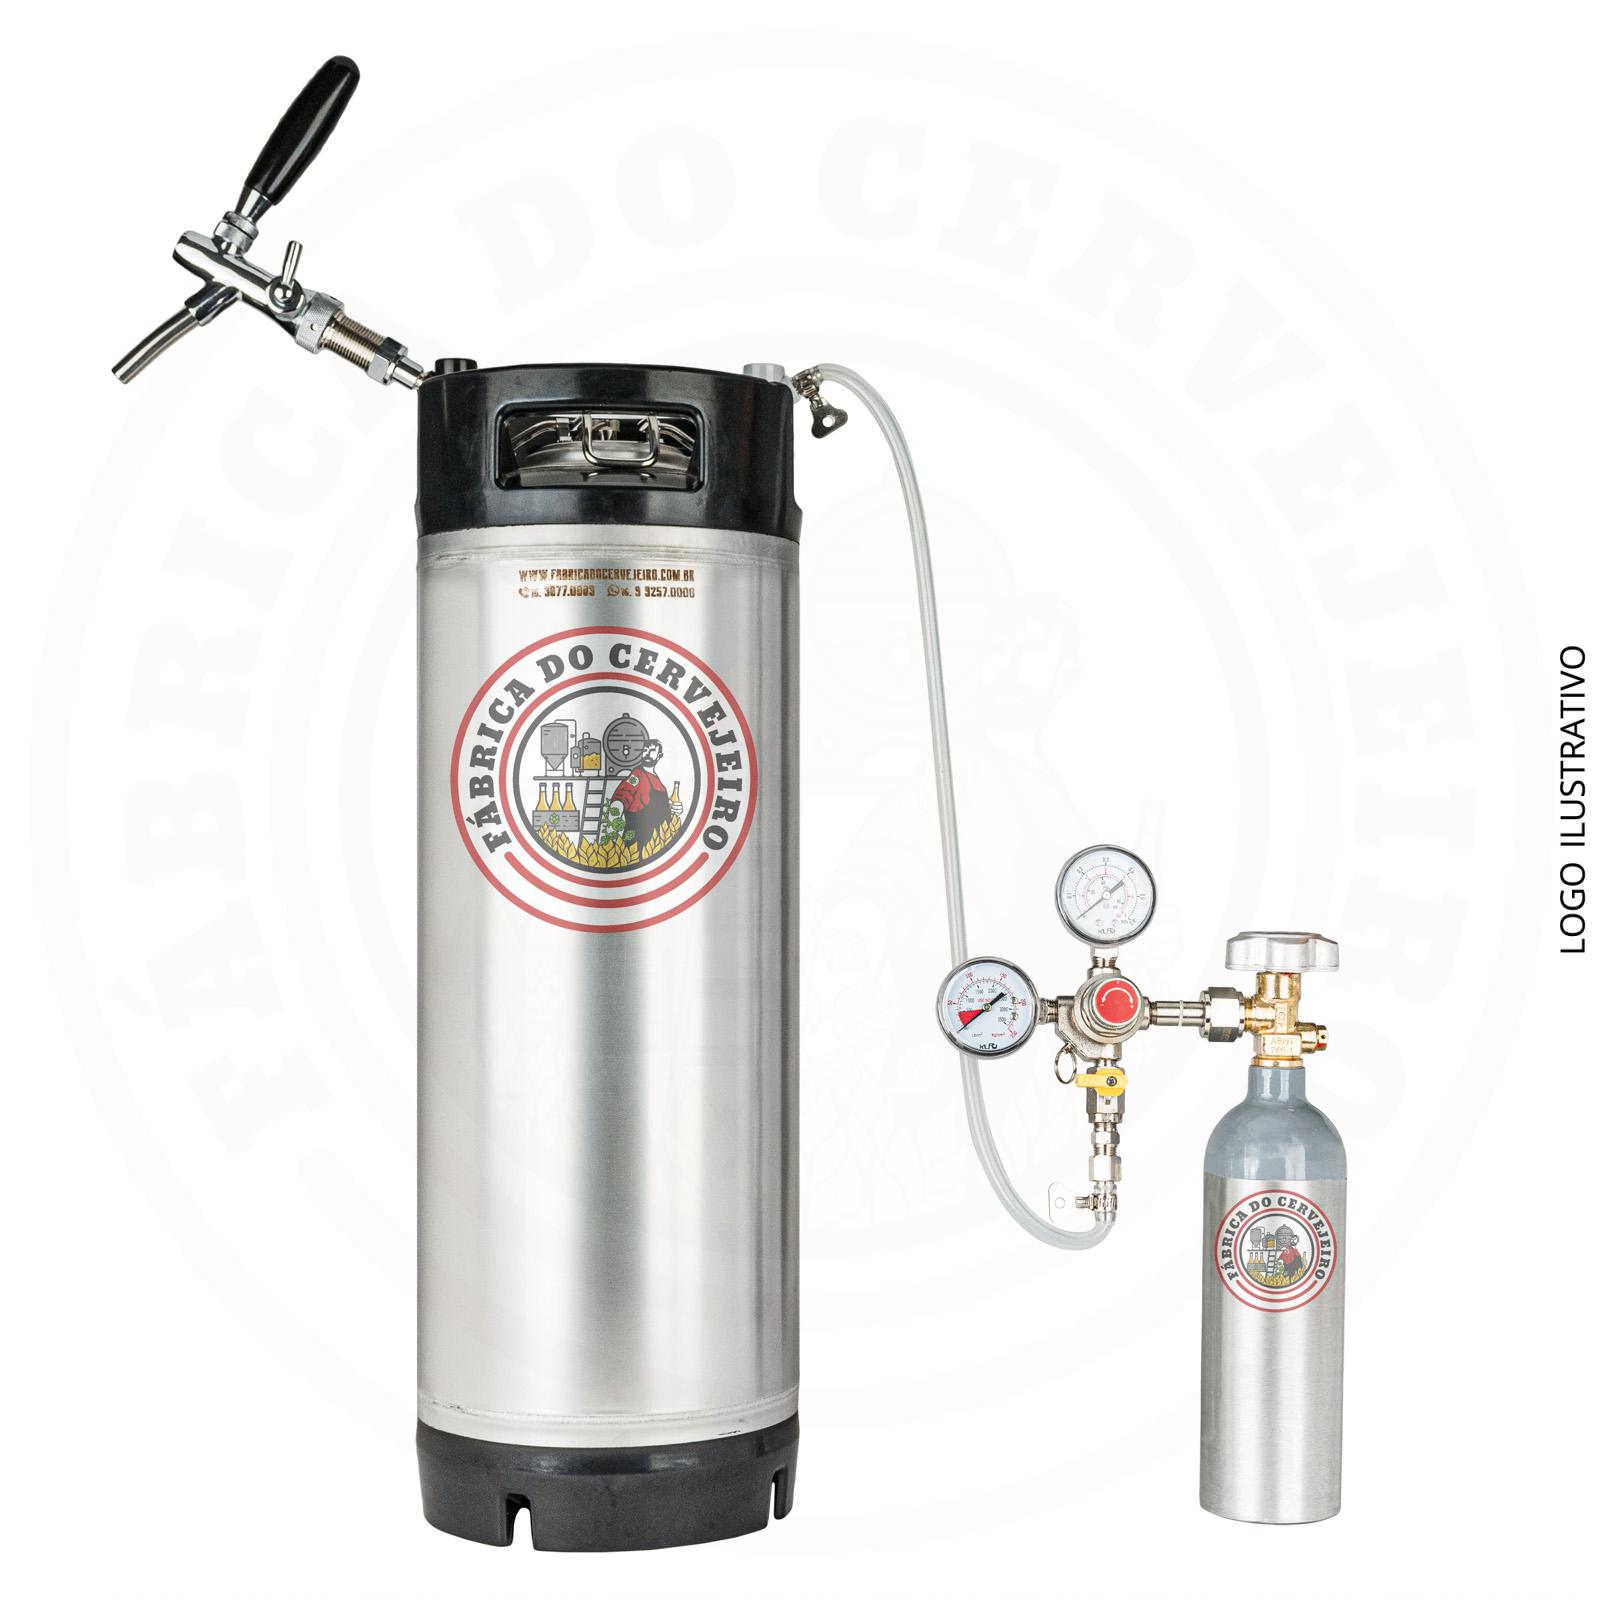 kit mini keg post mix 19L completo + kit extração com cilindro 600g e regulador de pressão